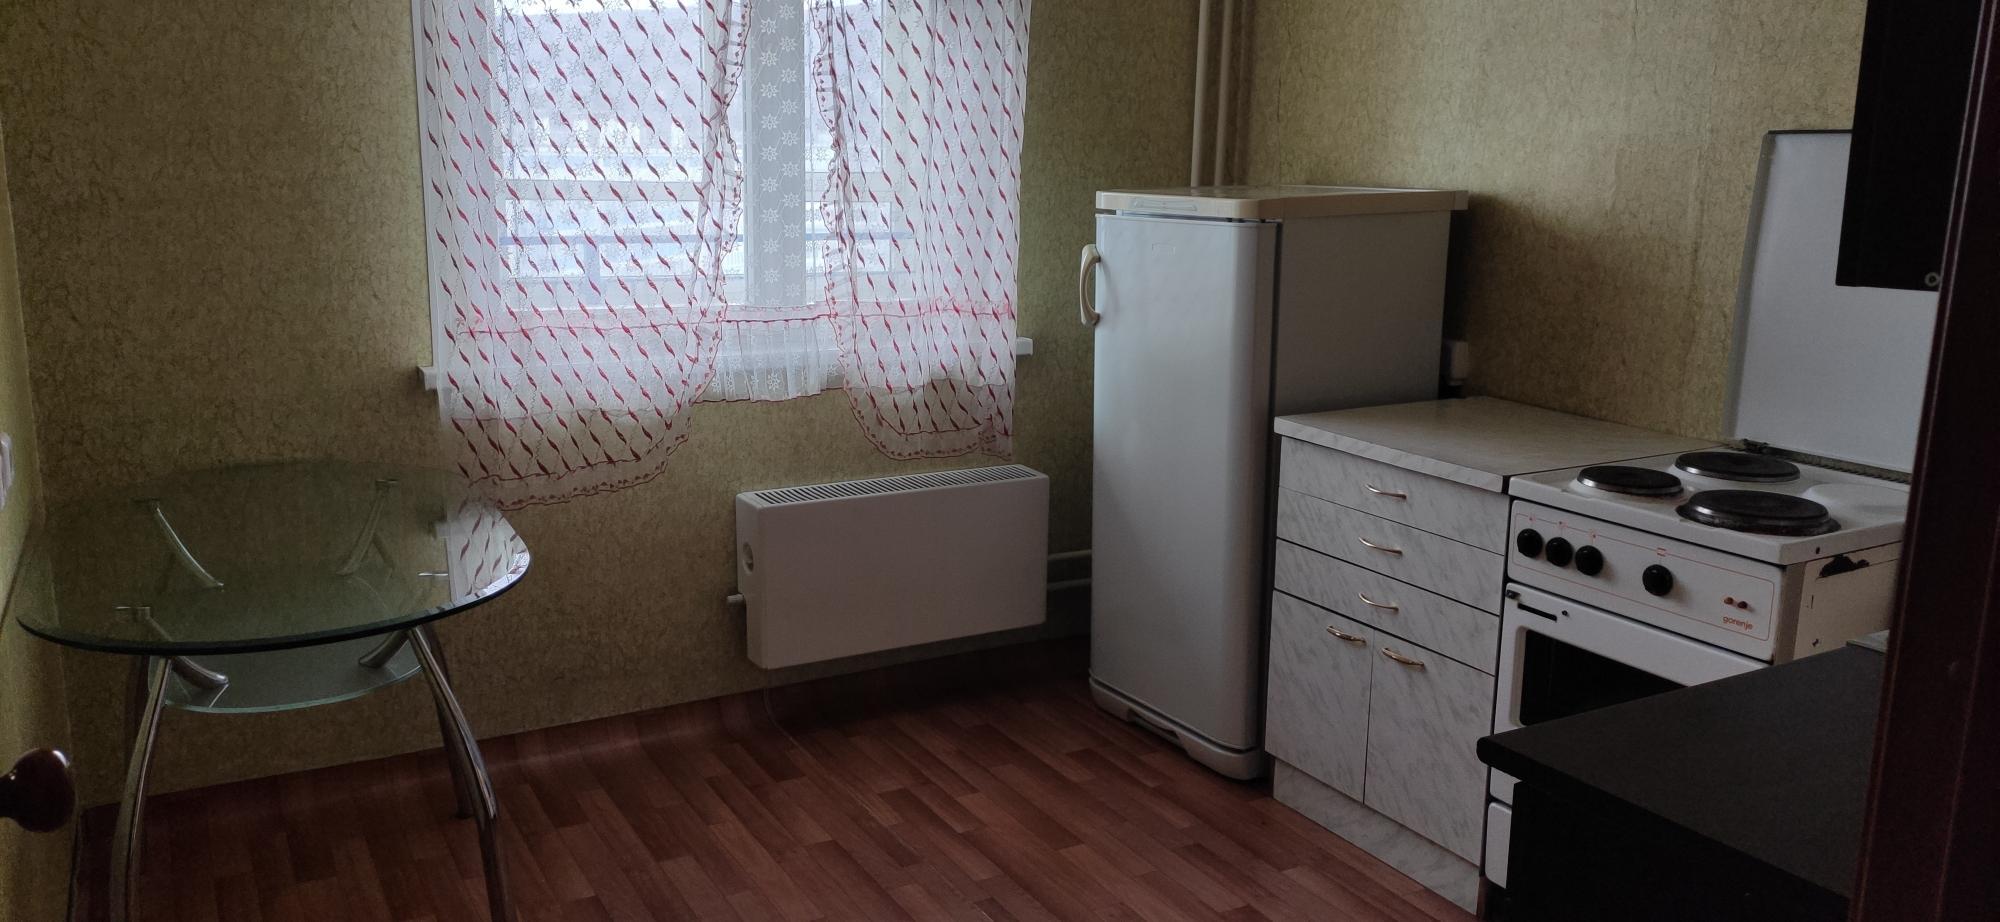 1к квартира Ярыгинская набережная, 41 | 15000 | аренда в Красноярске фото 5